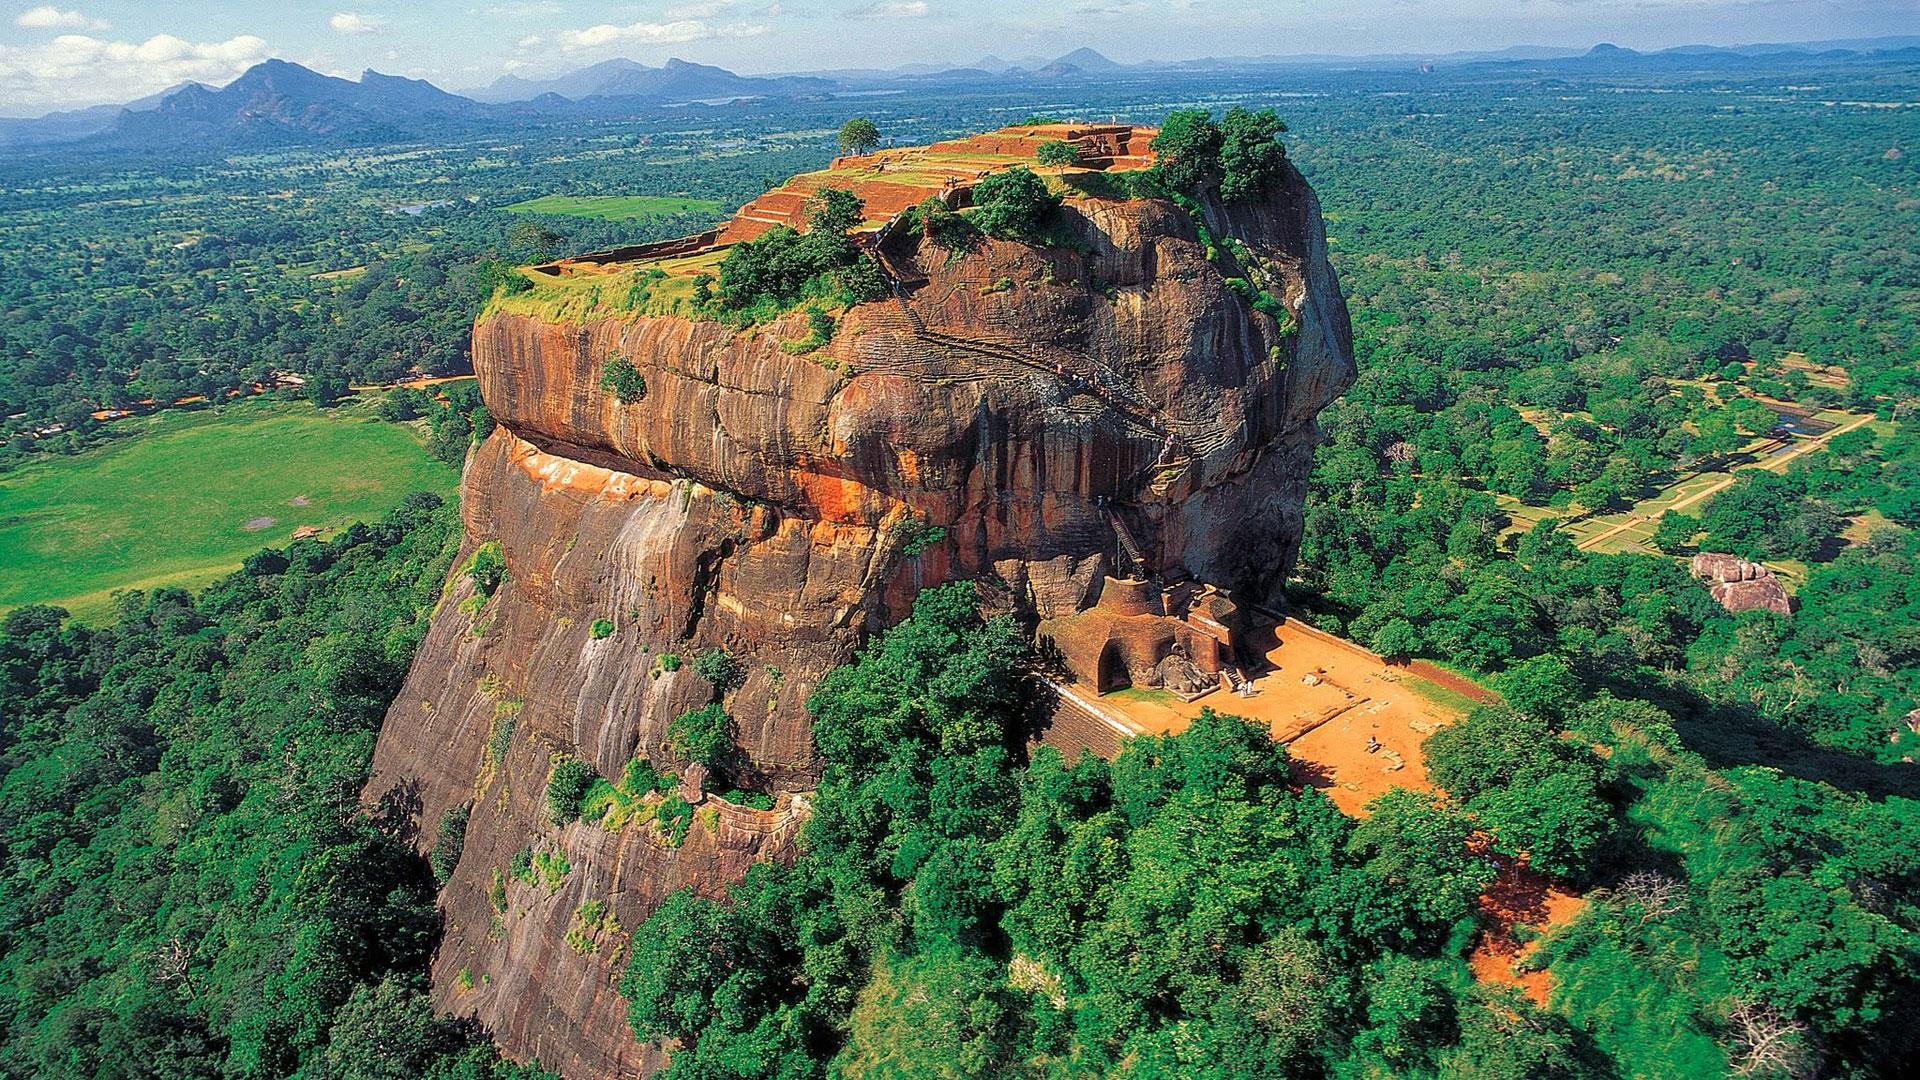 La roca de Sigiriya y su entorno